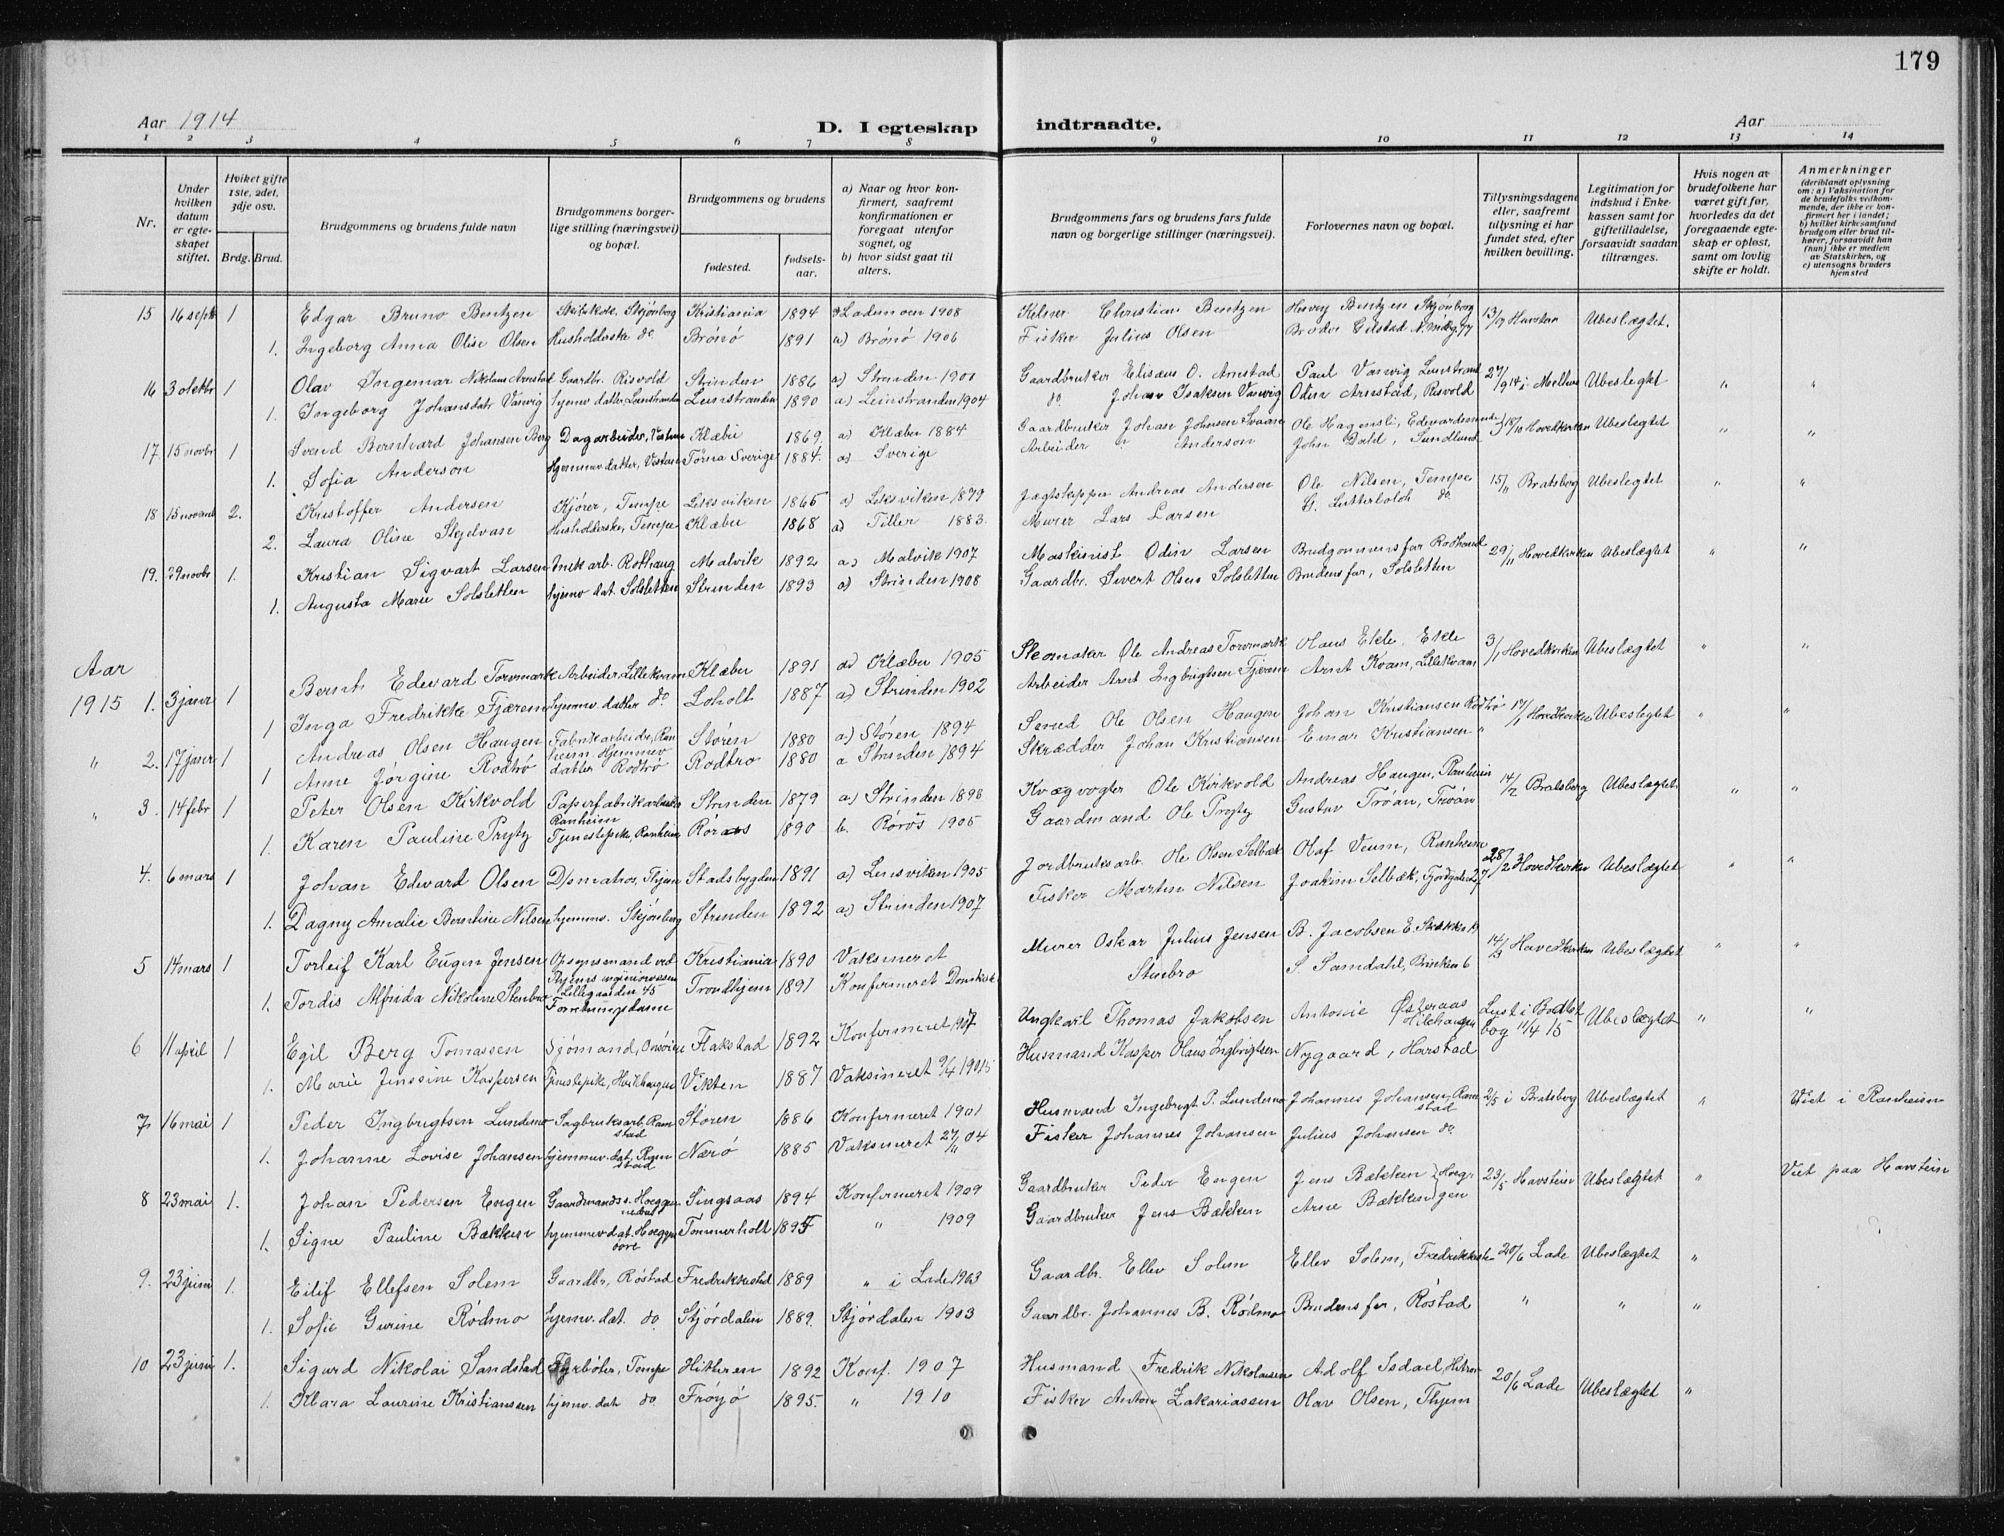 SAT, Ministerialprotokoller, klokkerbøker og fødselsregistre - Sør-Trøndelag, 606/L0314: Klokkerbok nr. 606C10, 1911-1937, s. 179